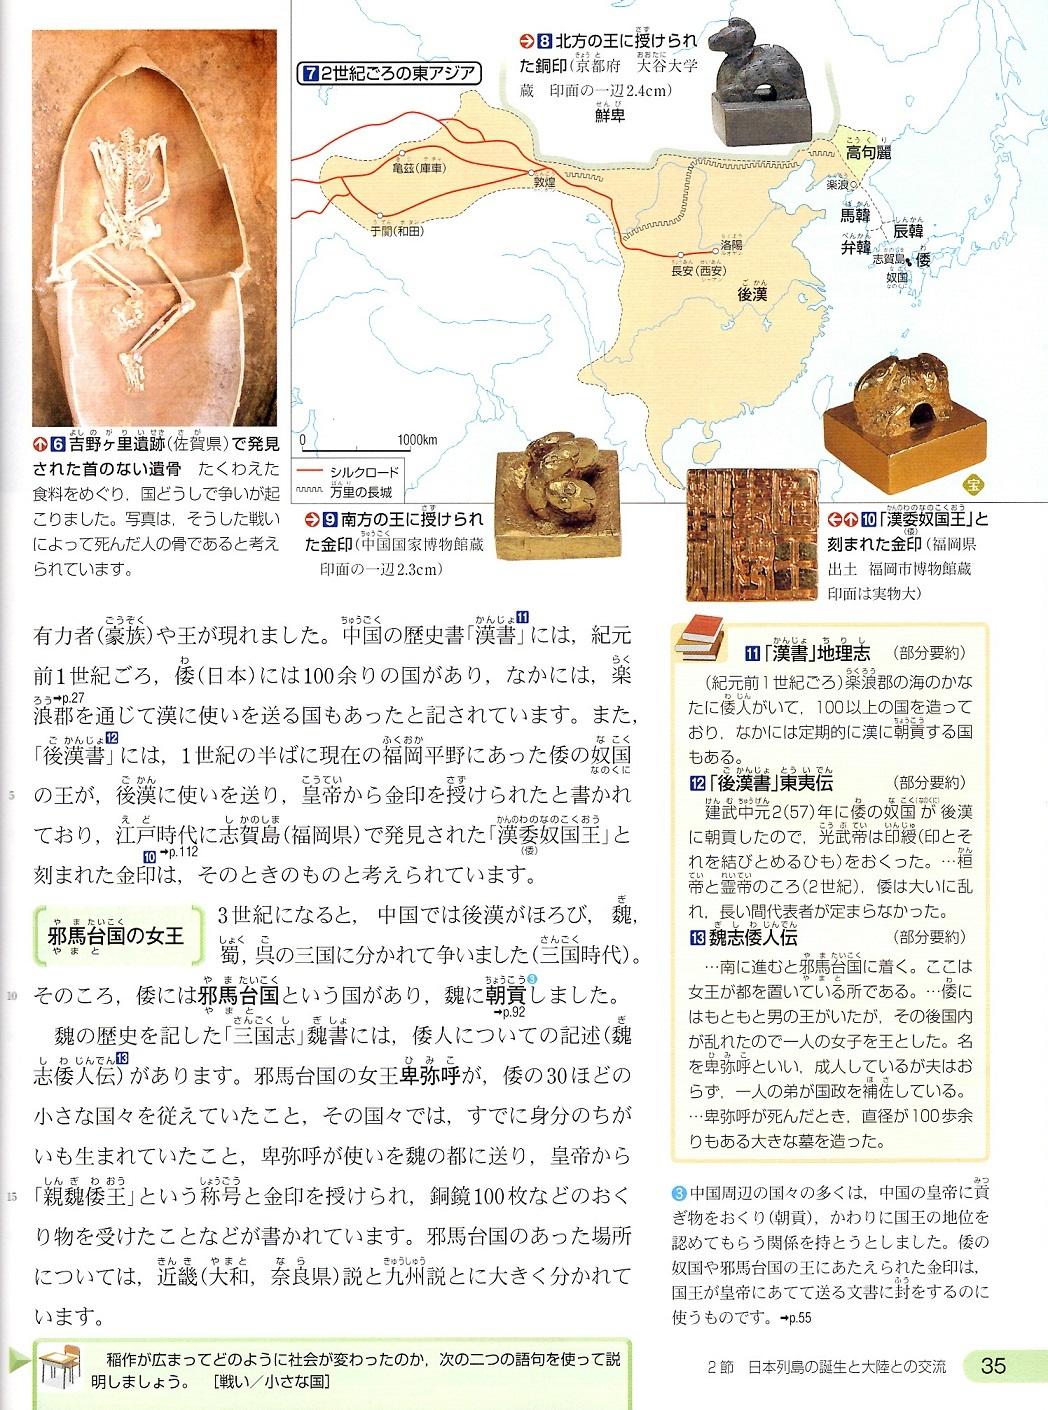 古代文明⑭ 東京書籍